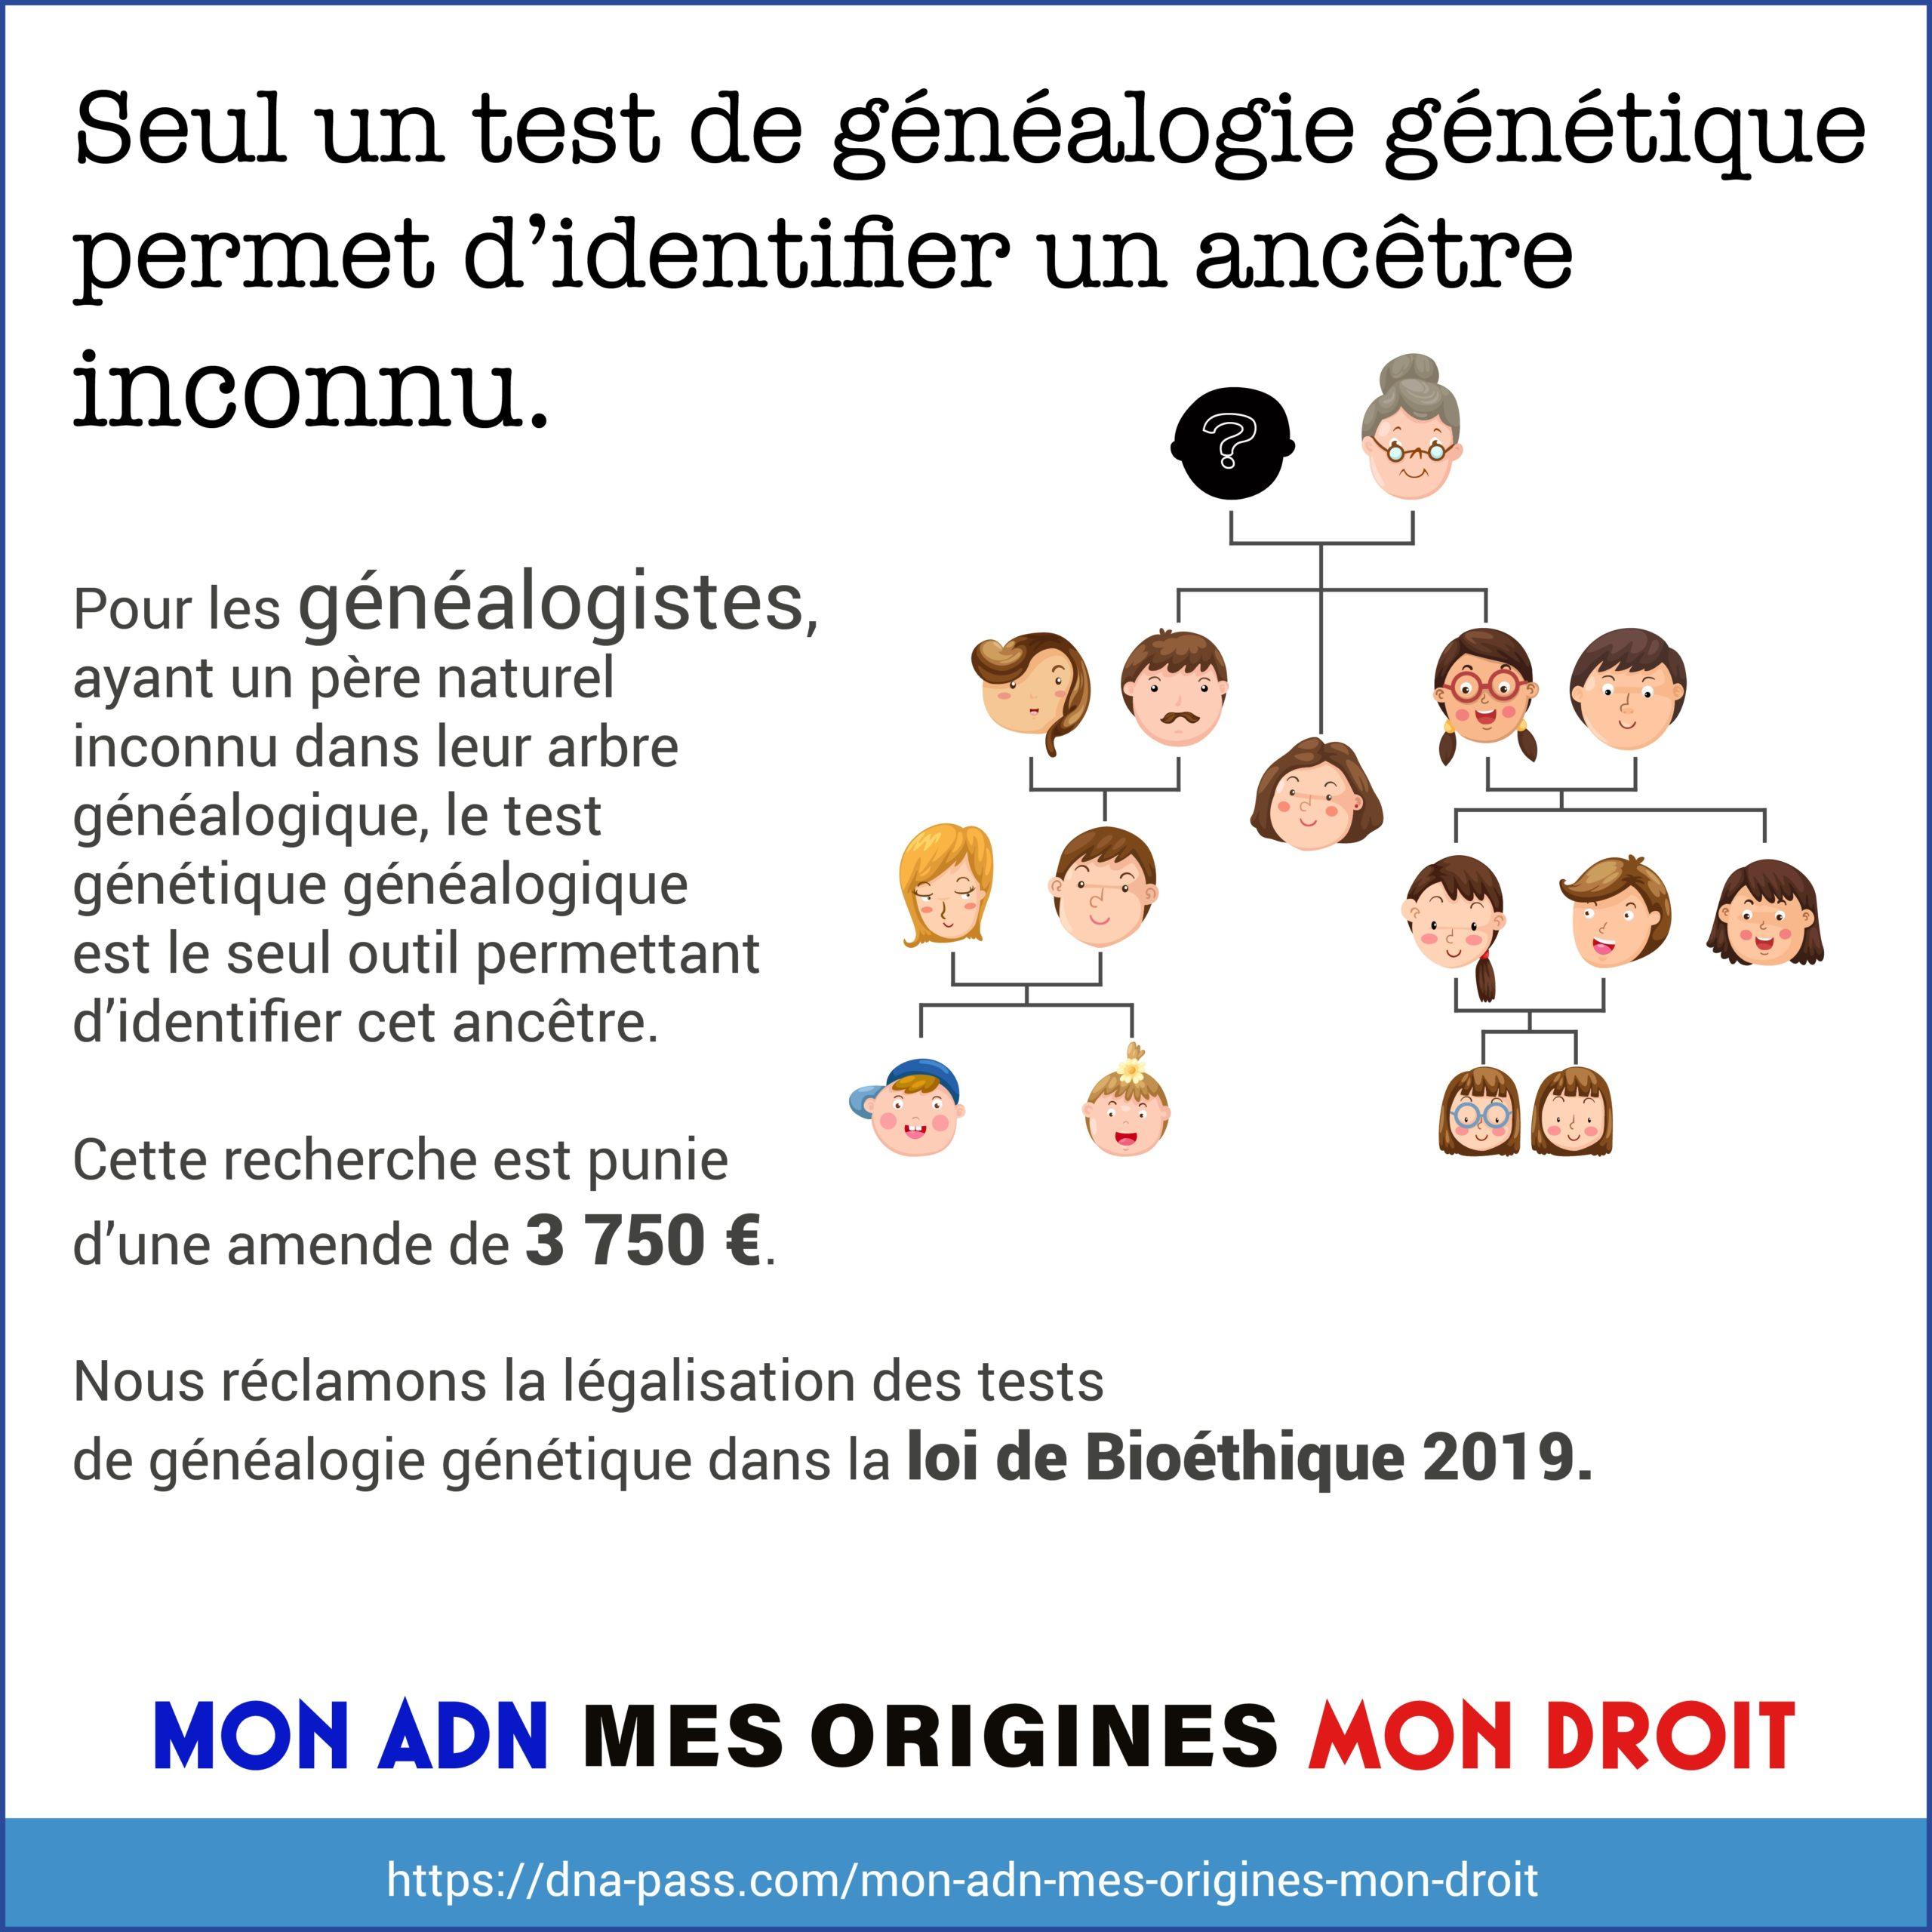 Seul un test de généalogie génétique permet d'identifier un ancêtre inconnu